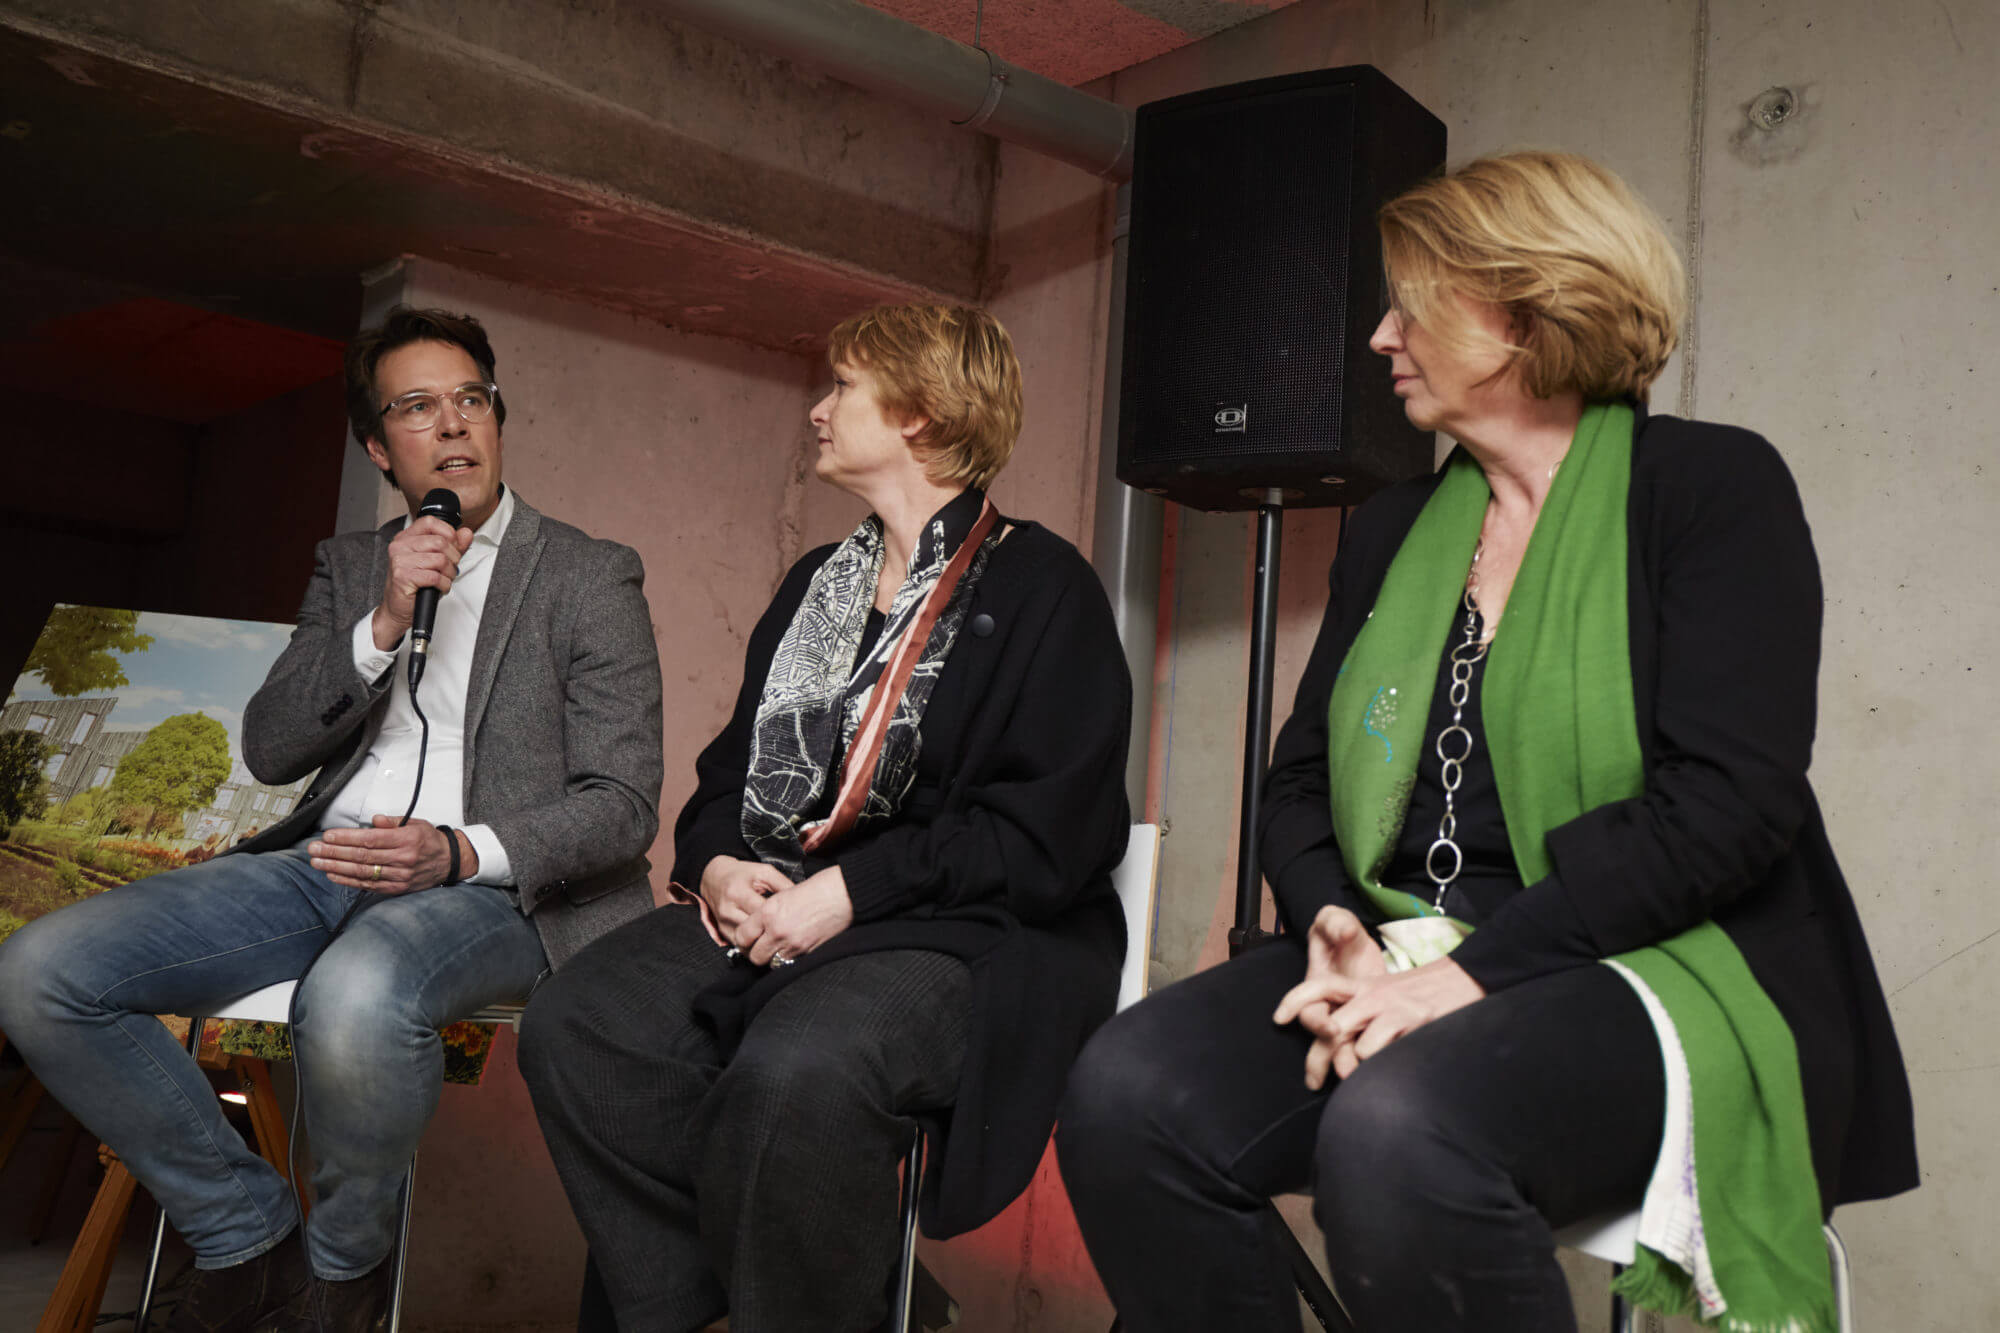 Panelgesprek met Michiel Kint (commercieel directeur bij Van Wijnen), Loes Oudenaarde (stadsbouwmeester van Amersfoort) en Marianne Loof (architect LEVS) - foto door Christiaan Krouwels